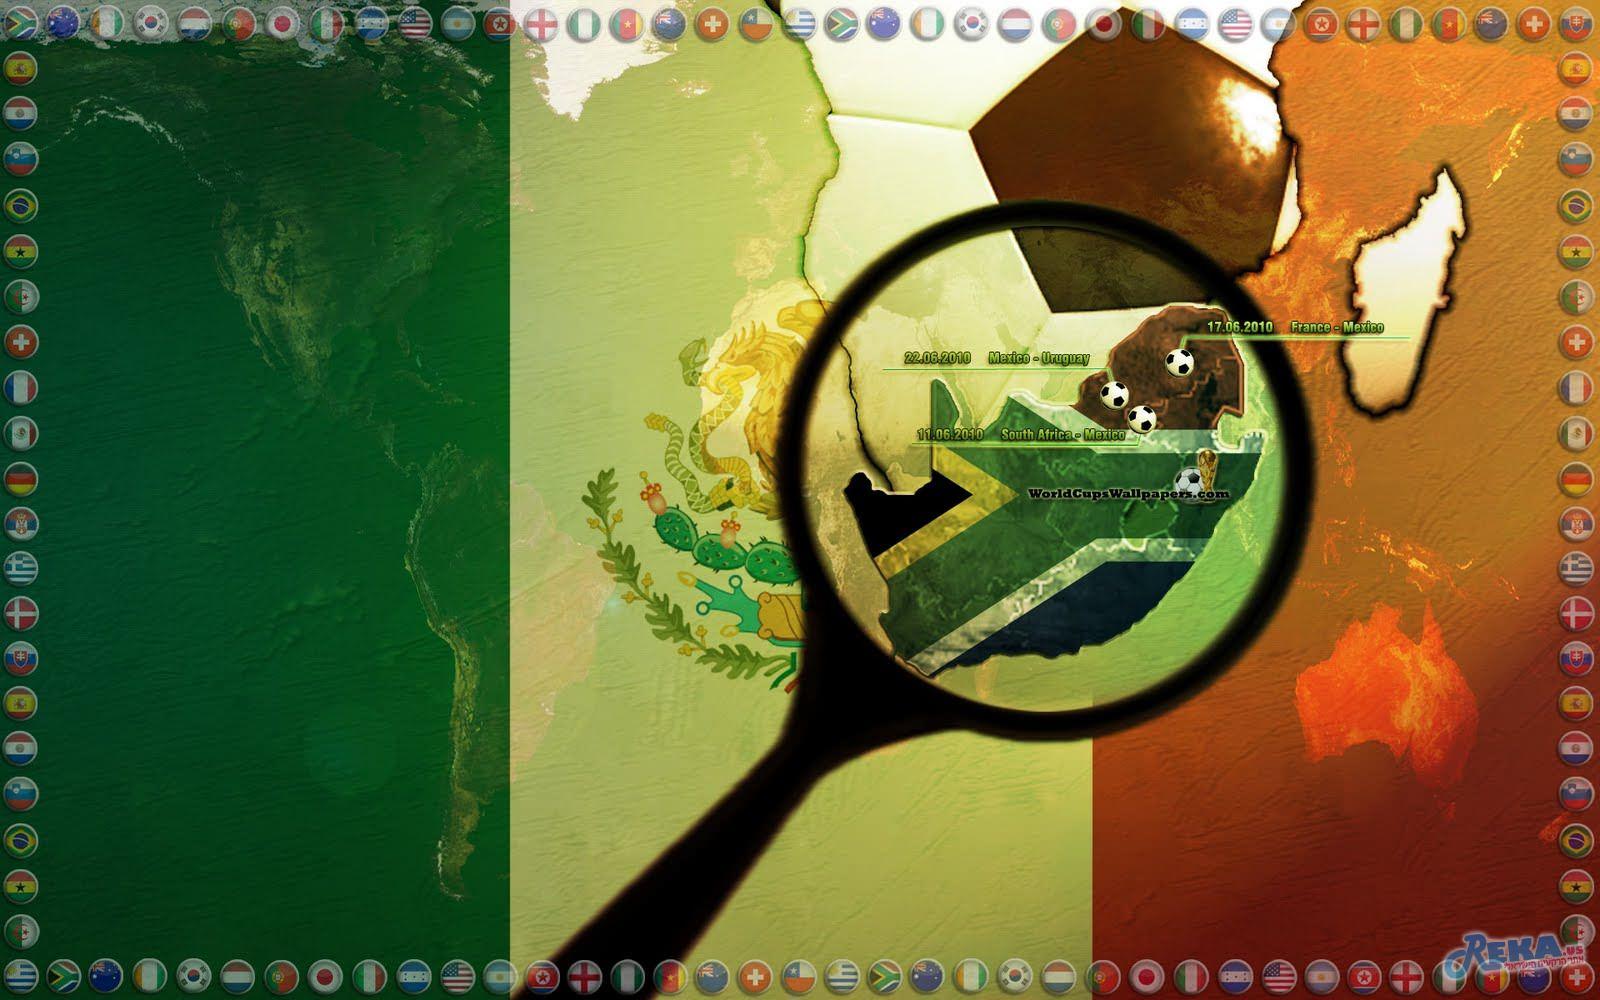 Mexico-World-Cup-2010-Widescreen-Wallpaper